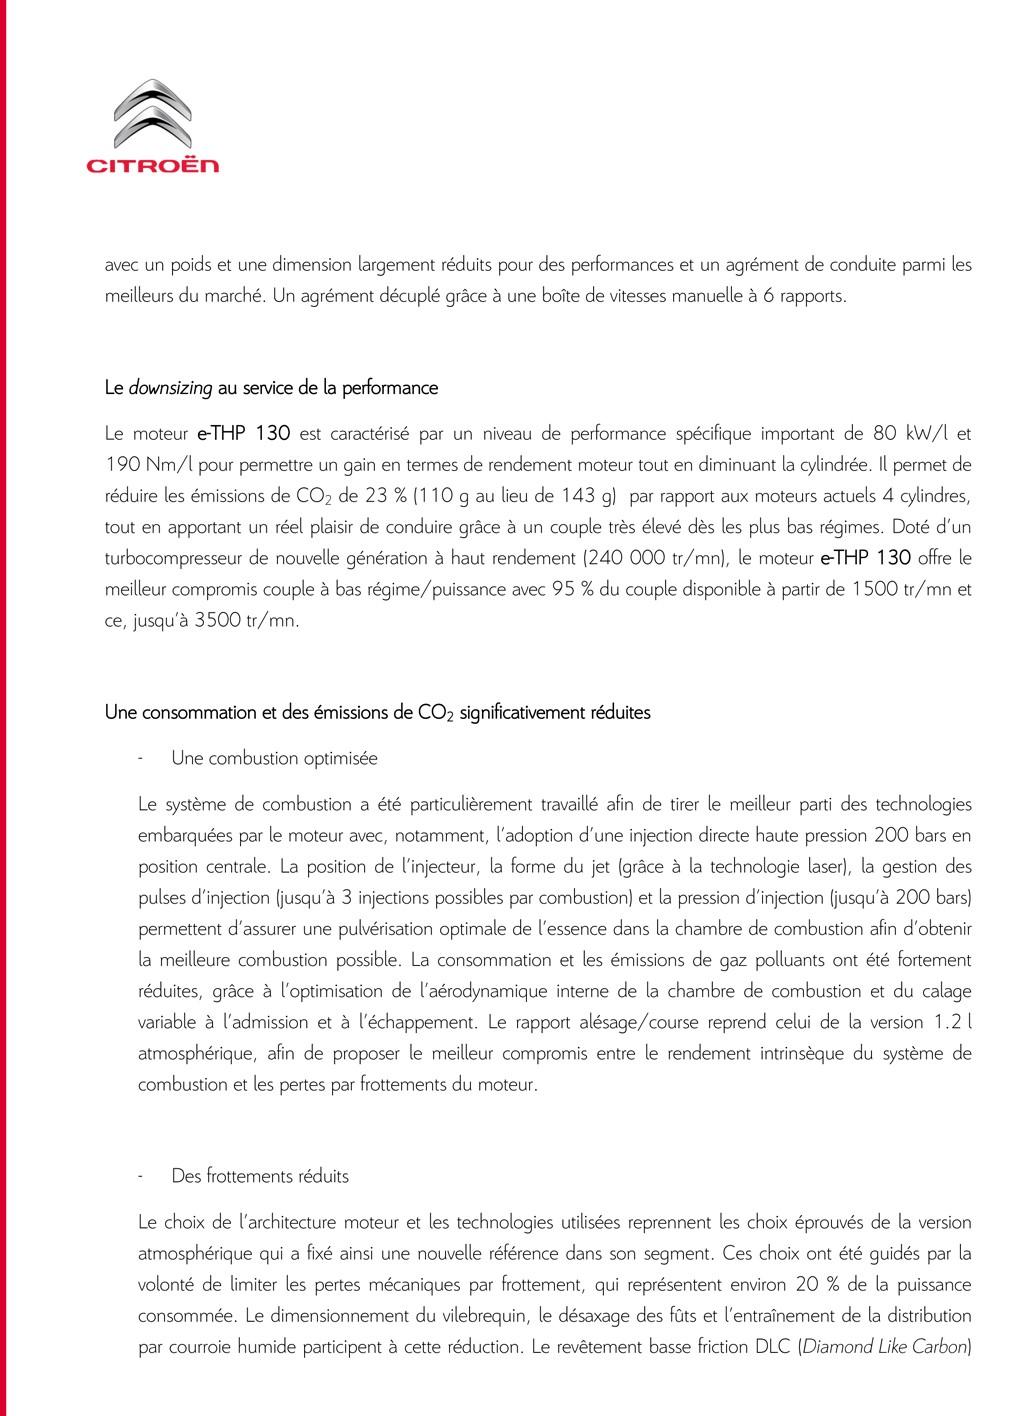 [INFORMATION] Actualité des motorisations - Page 9 Dt_cit12